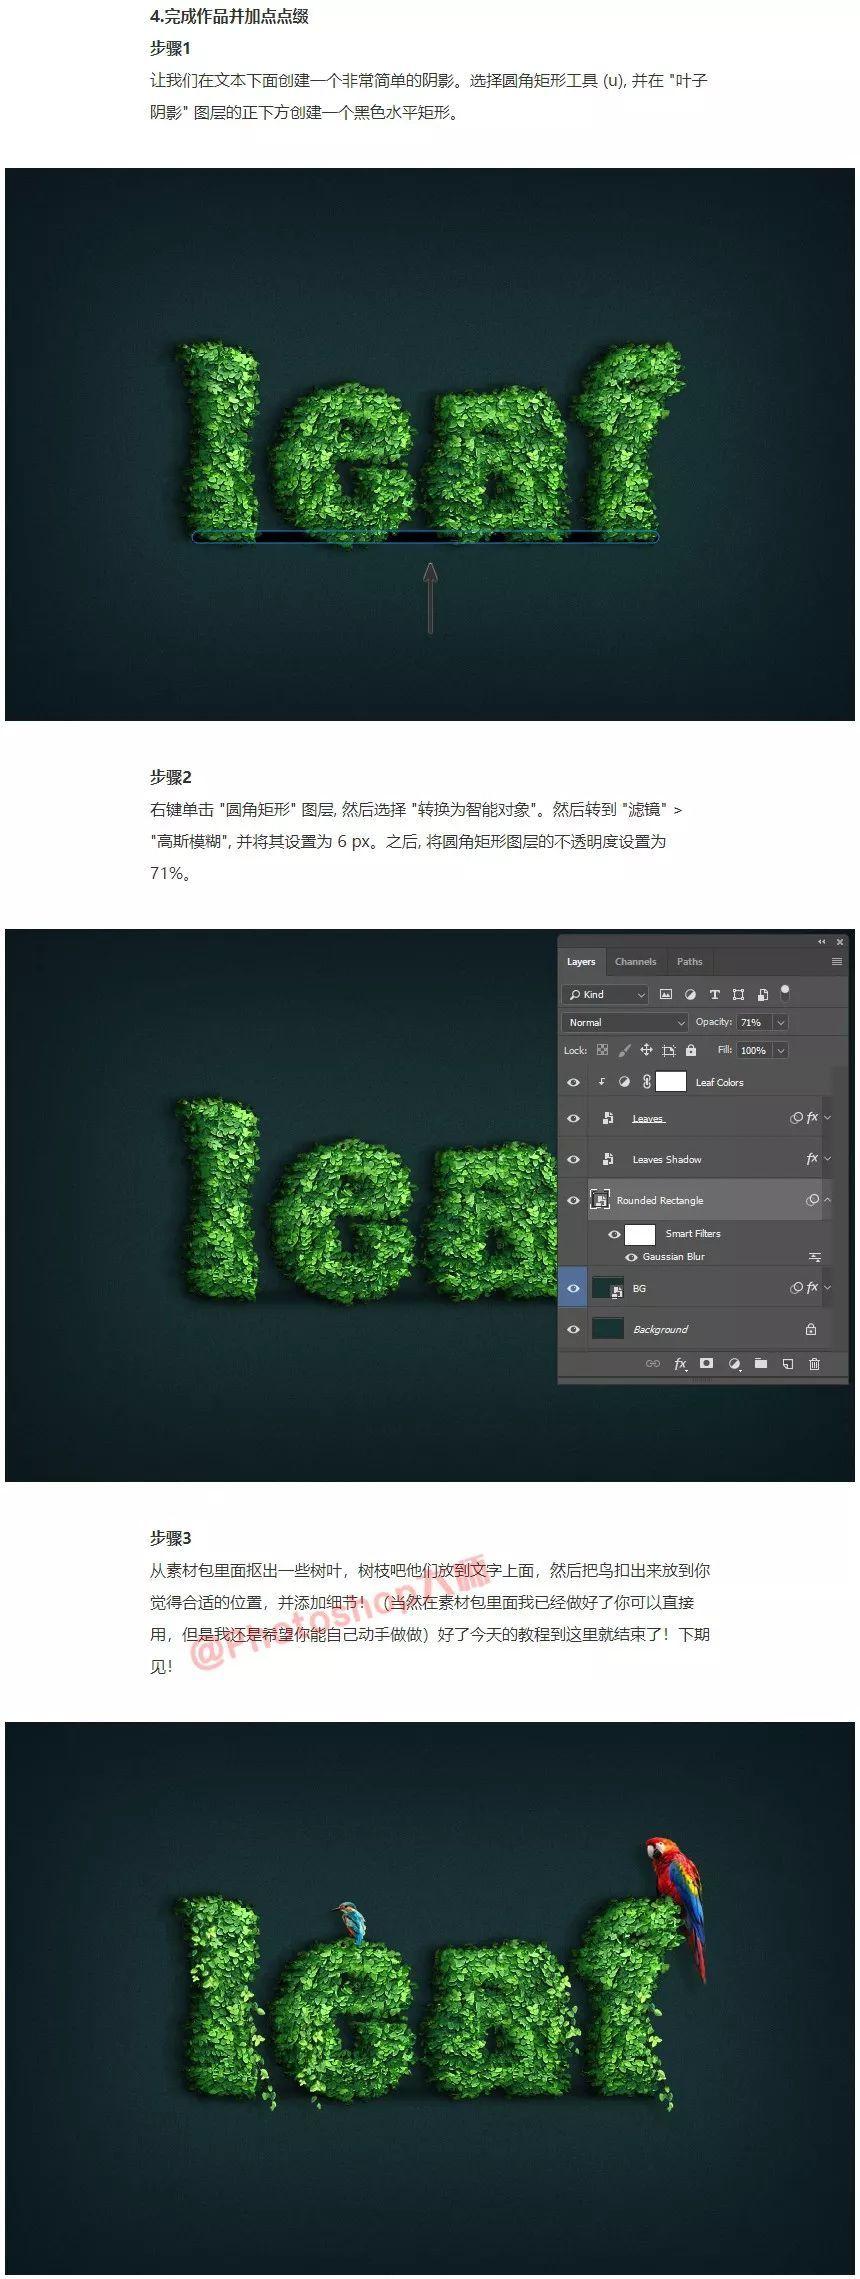 巧用PSv效果覆盖效果打造美食字体!本溪公司广场设计装修树叶图片